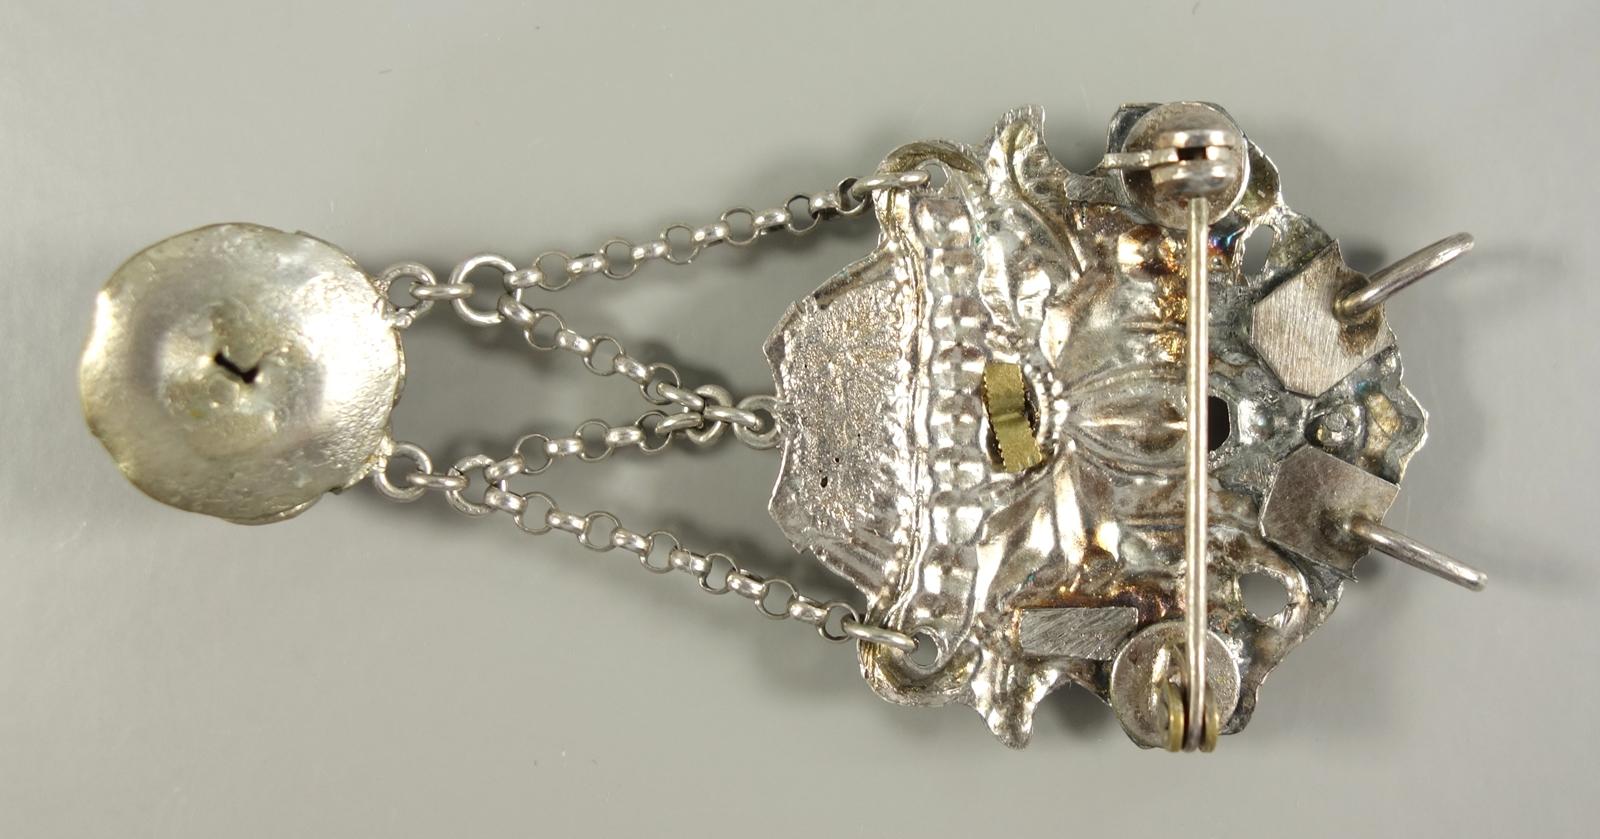 Anhänger/Brosche, Friesland, 13 Lot Silber, um 1900, Gew.6,94g, Blumenkorb mit Steinbesatz: - Bild 2 aus 3